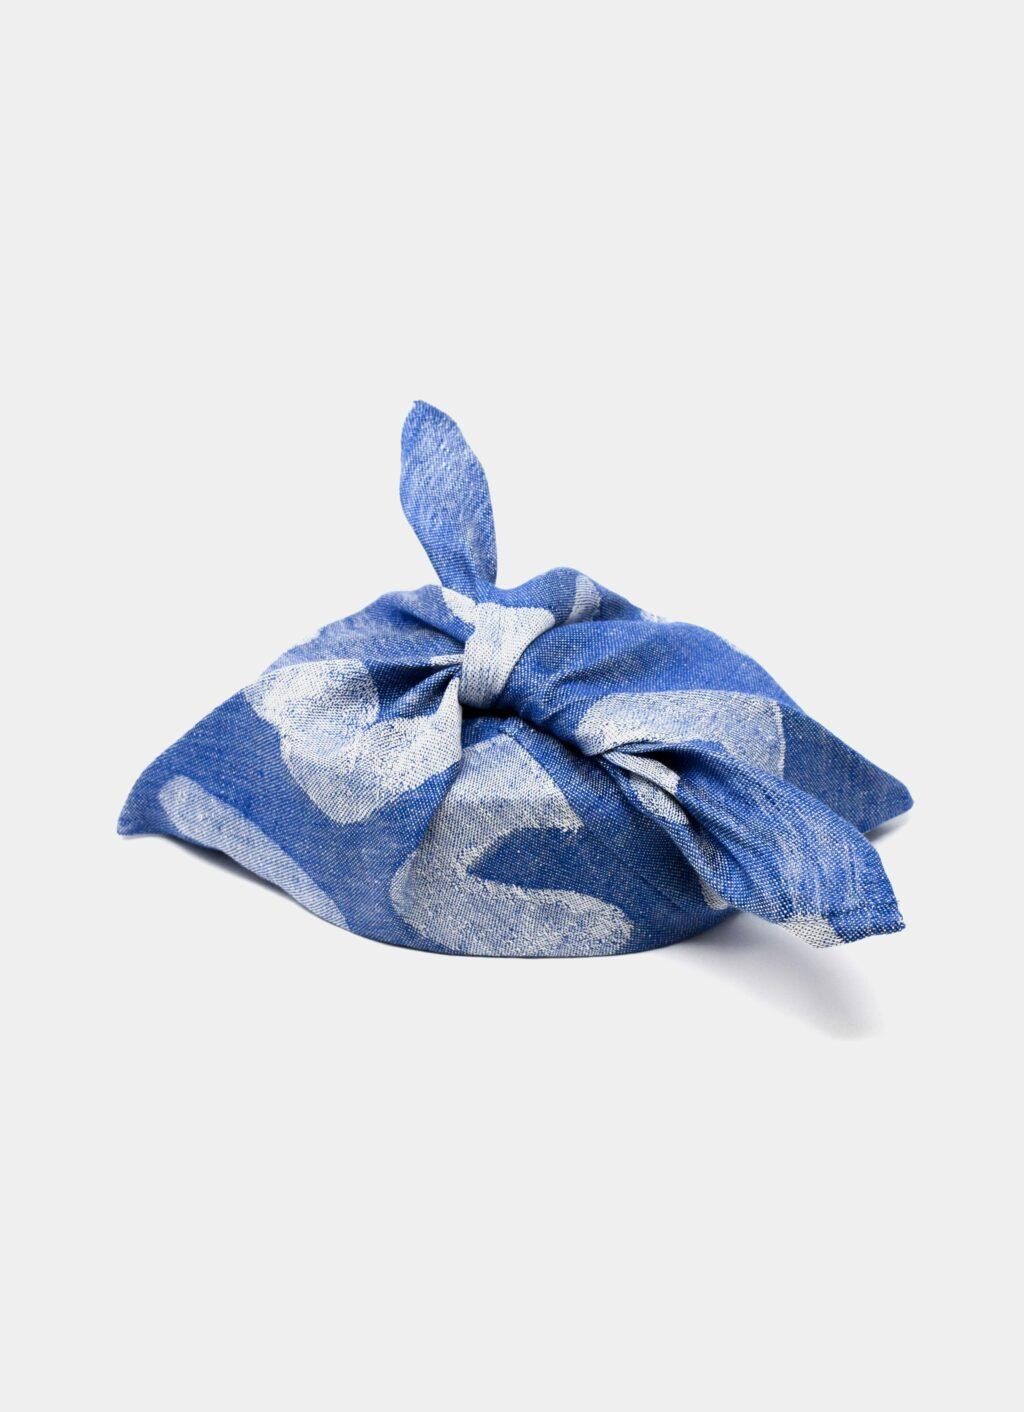 Fine Little Day - Udon - Linen Tie Bag - Blue